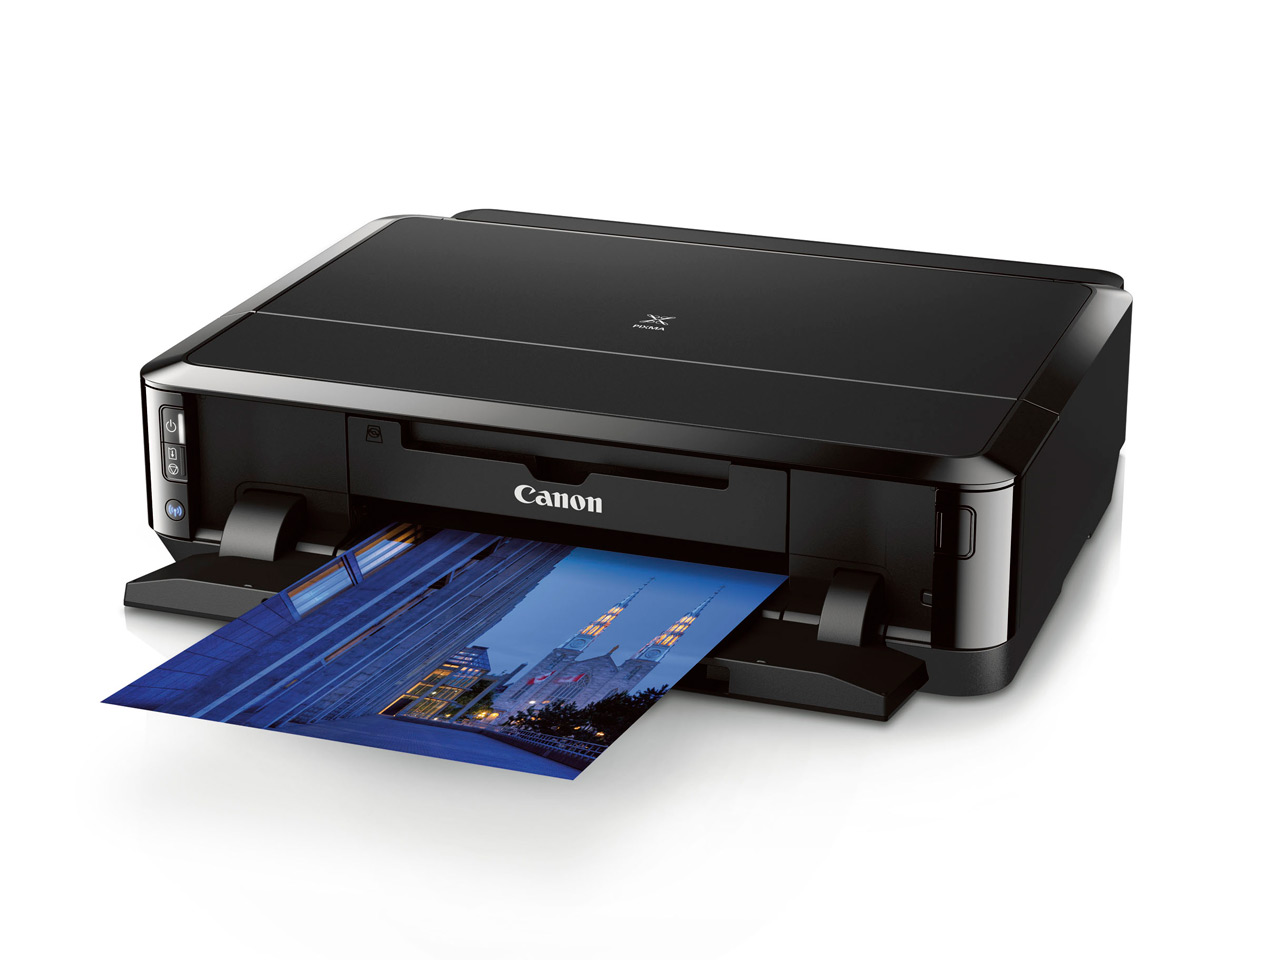 Новые PIXMA и CanoScan. Печатаем и сканируем